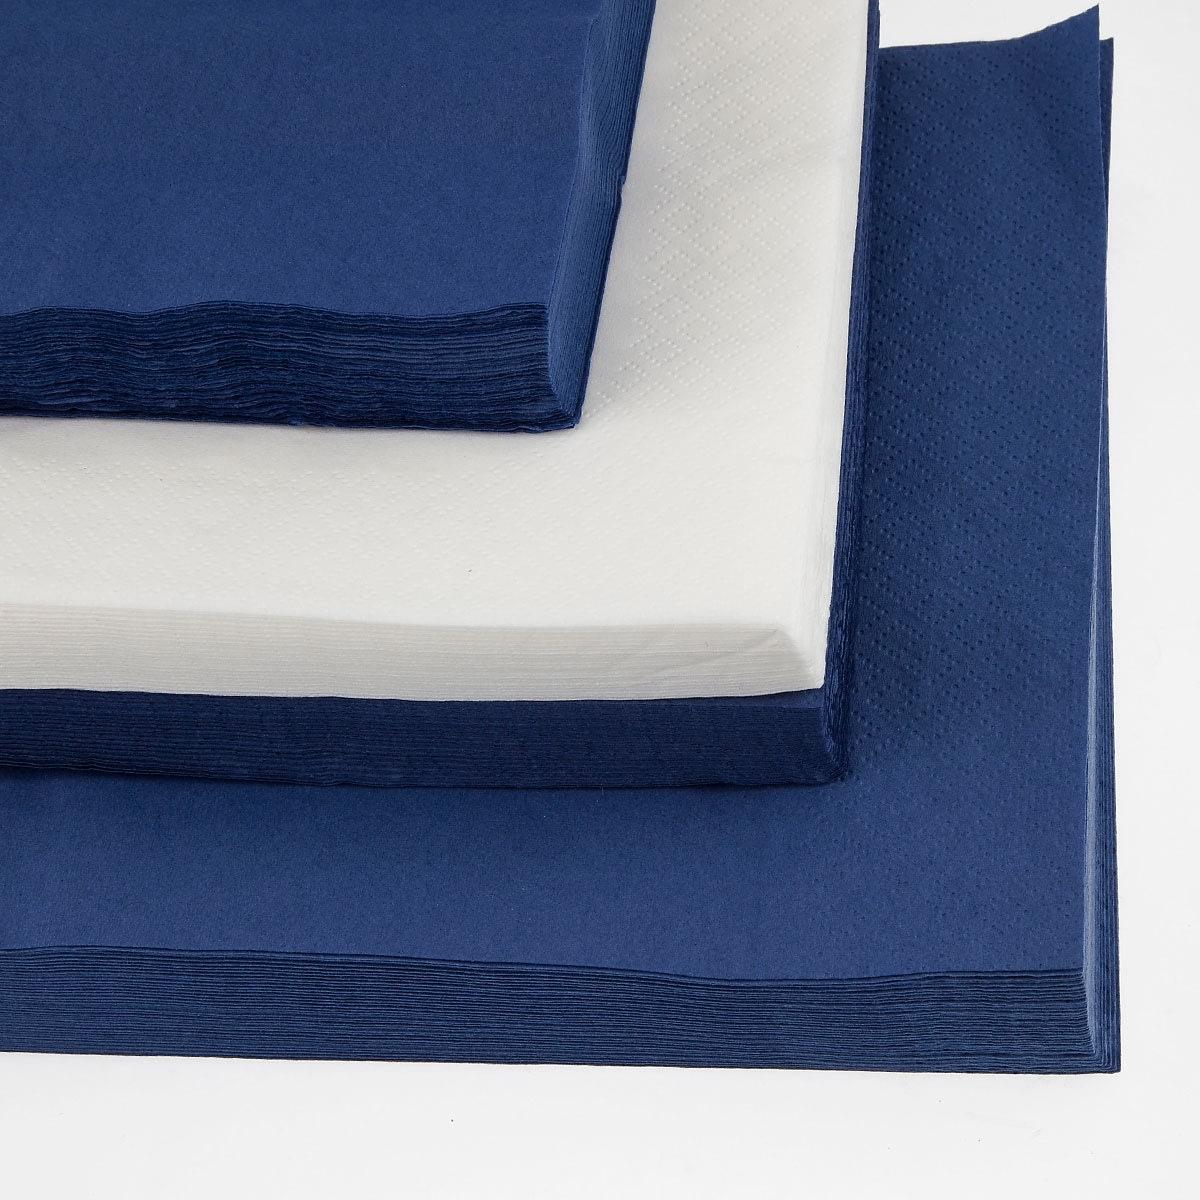 Papirserviet 24 x 24cm, 2-lag, 100stk, blå